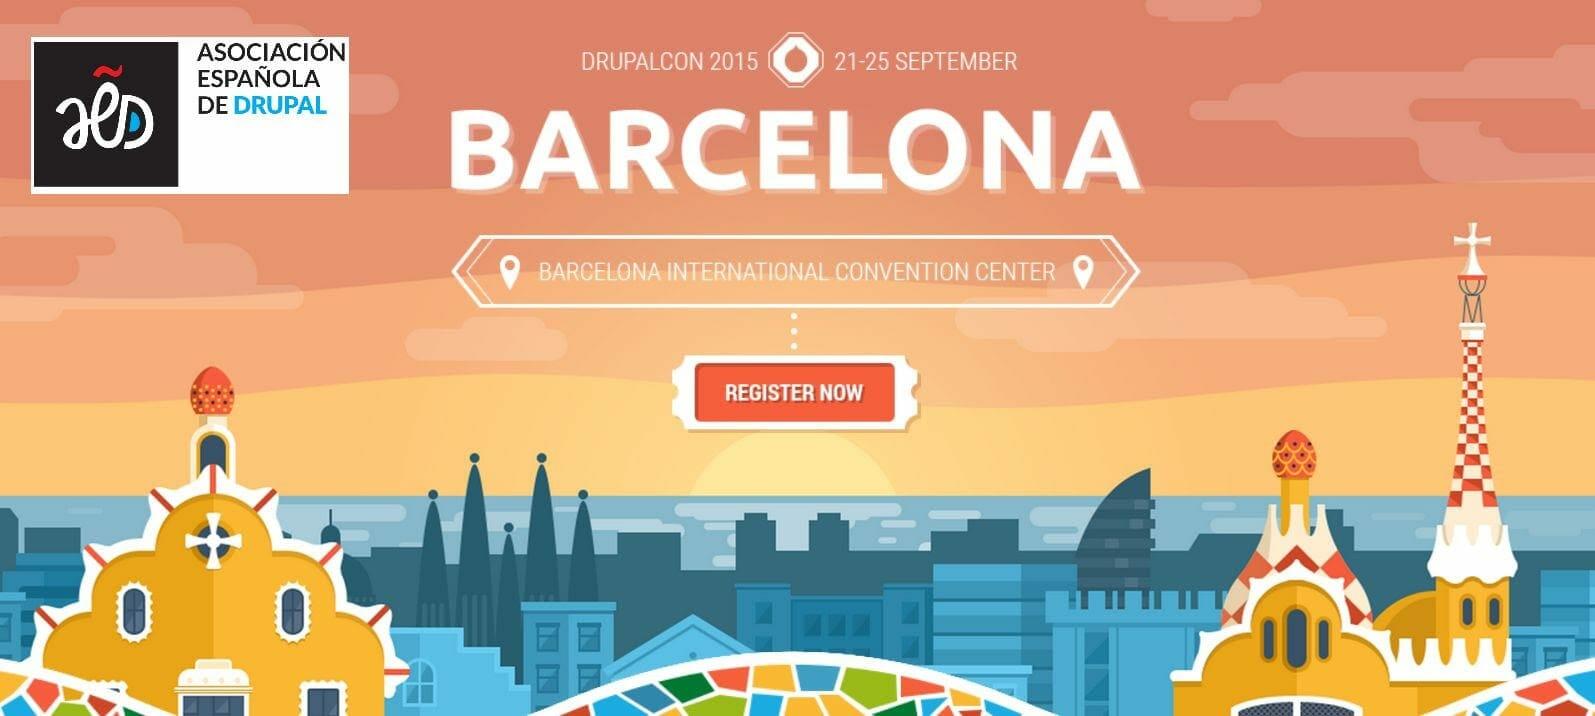 Conferencia Europea de Drupal 2015 en Barcelona